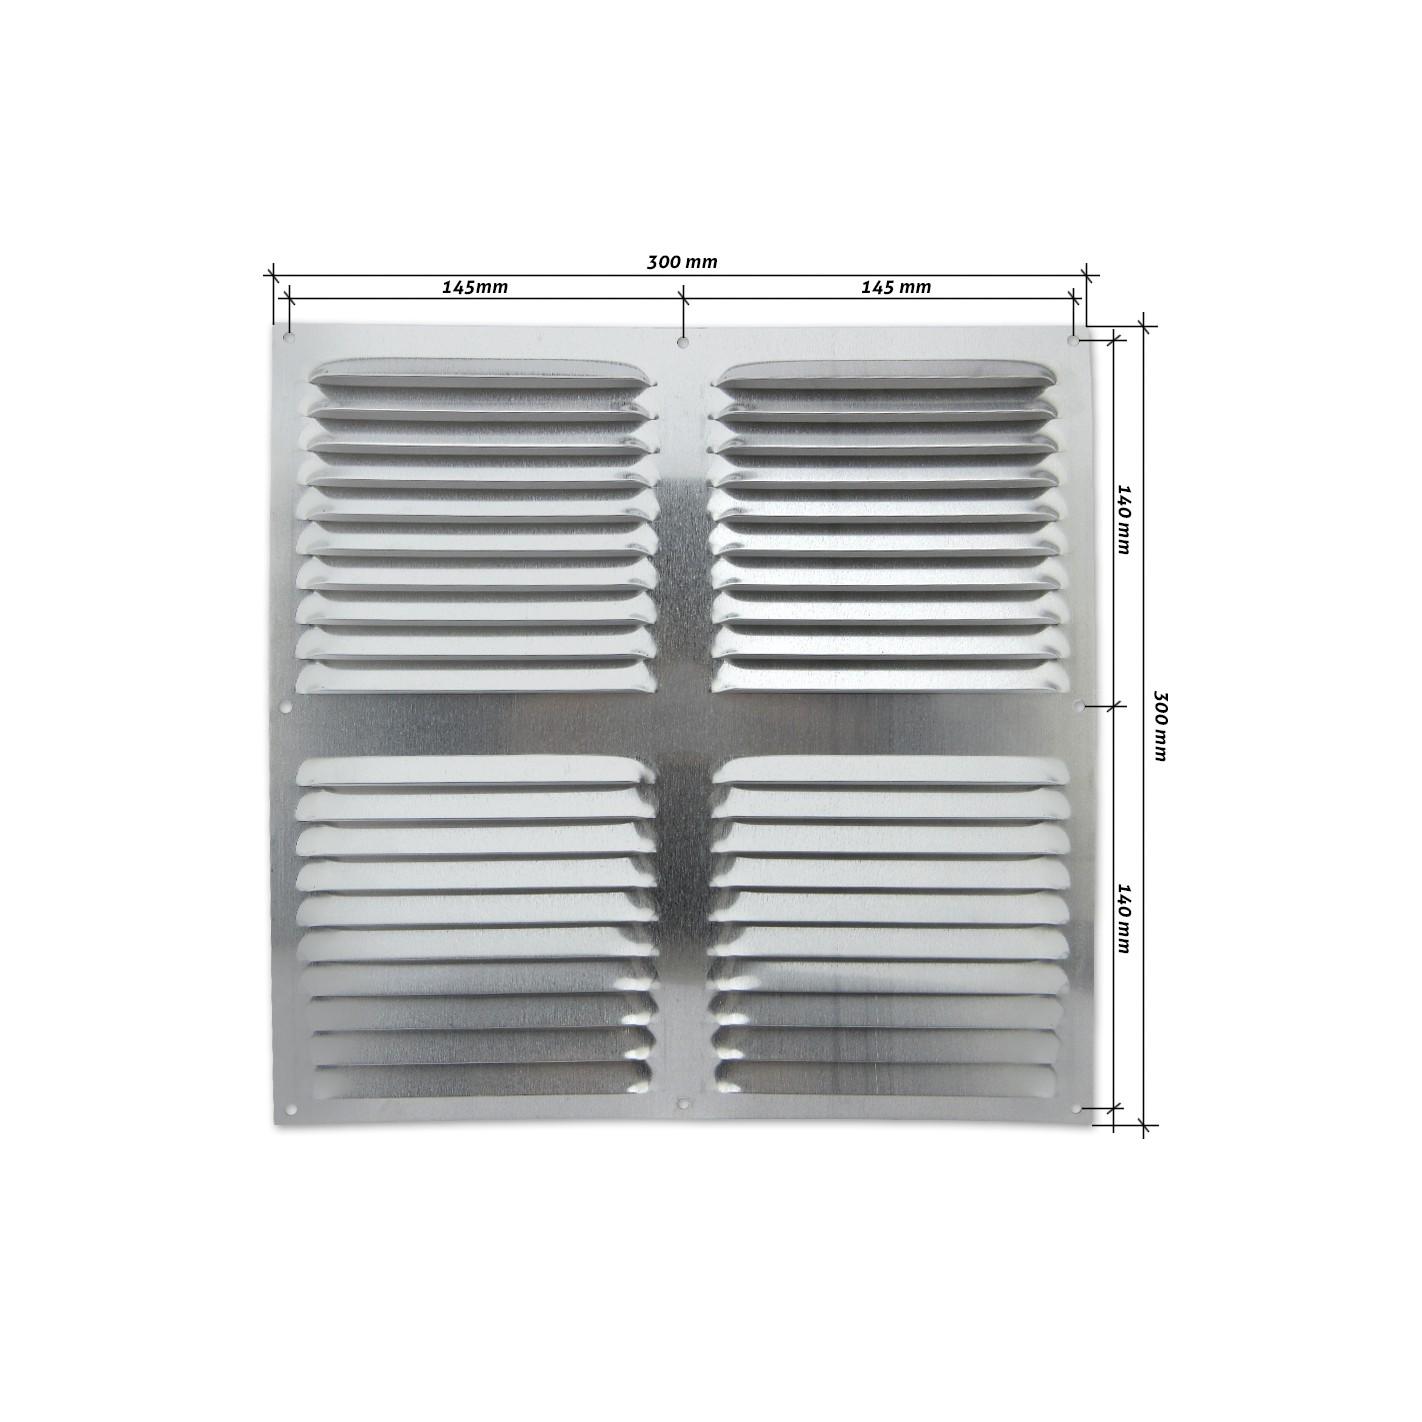 Rejilla de ventilaci n plana 300x300 mm aluminio alg - Rejillas ventilacion aluminio ...